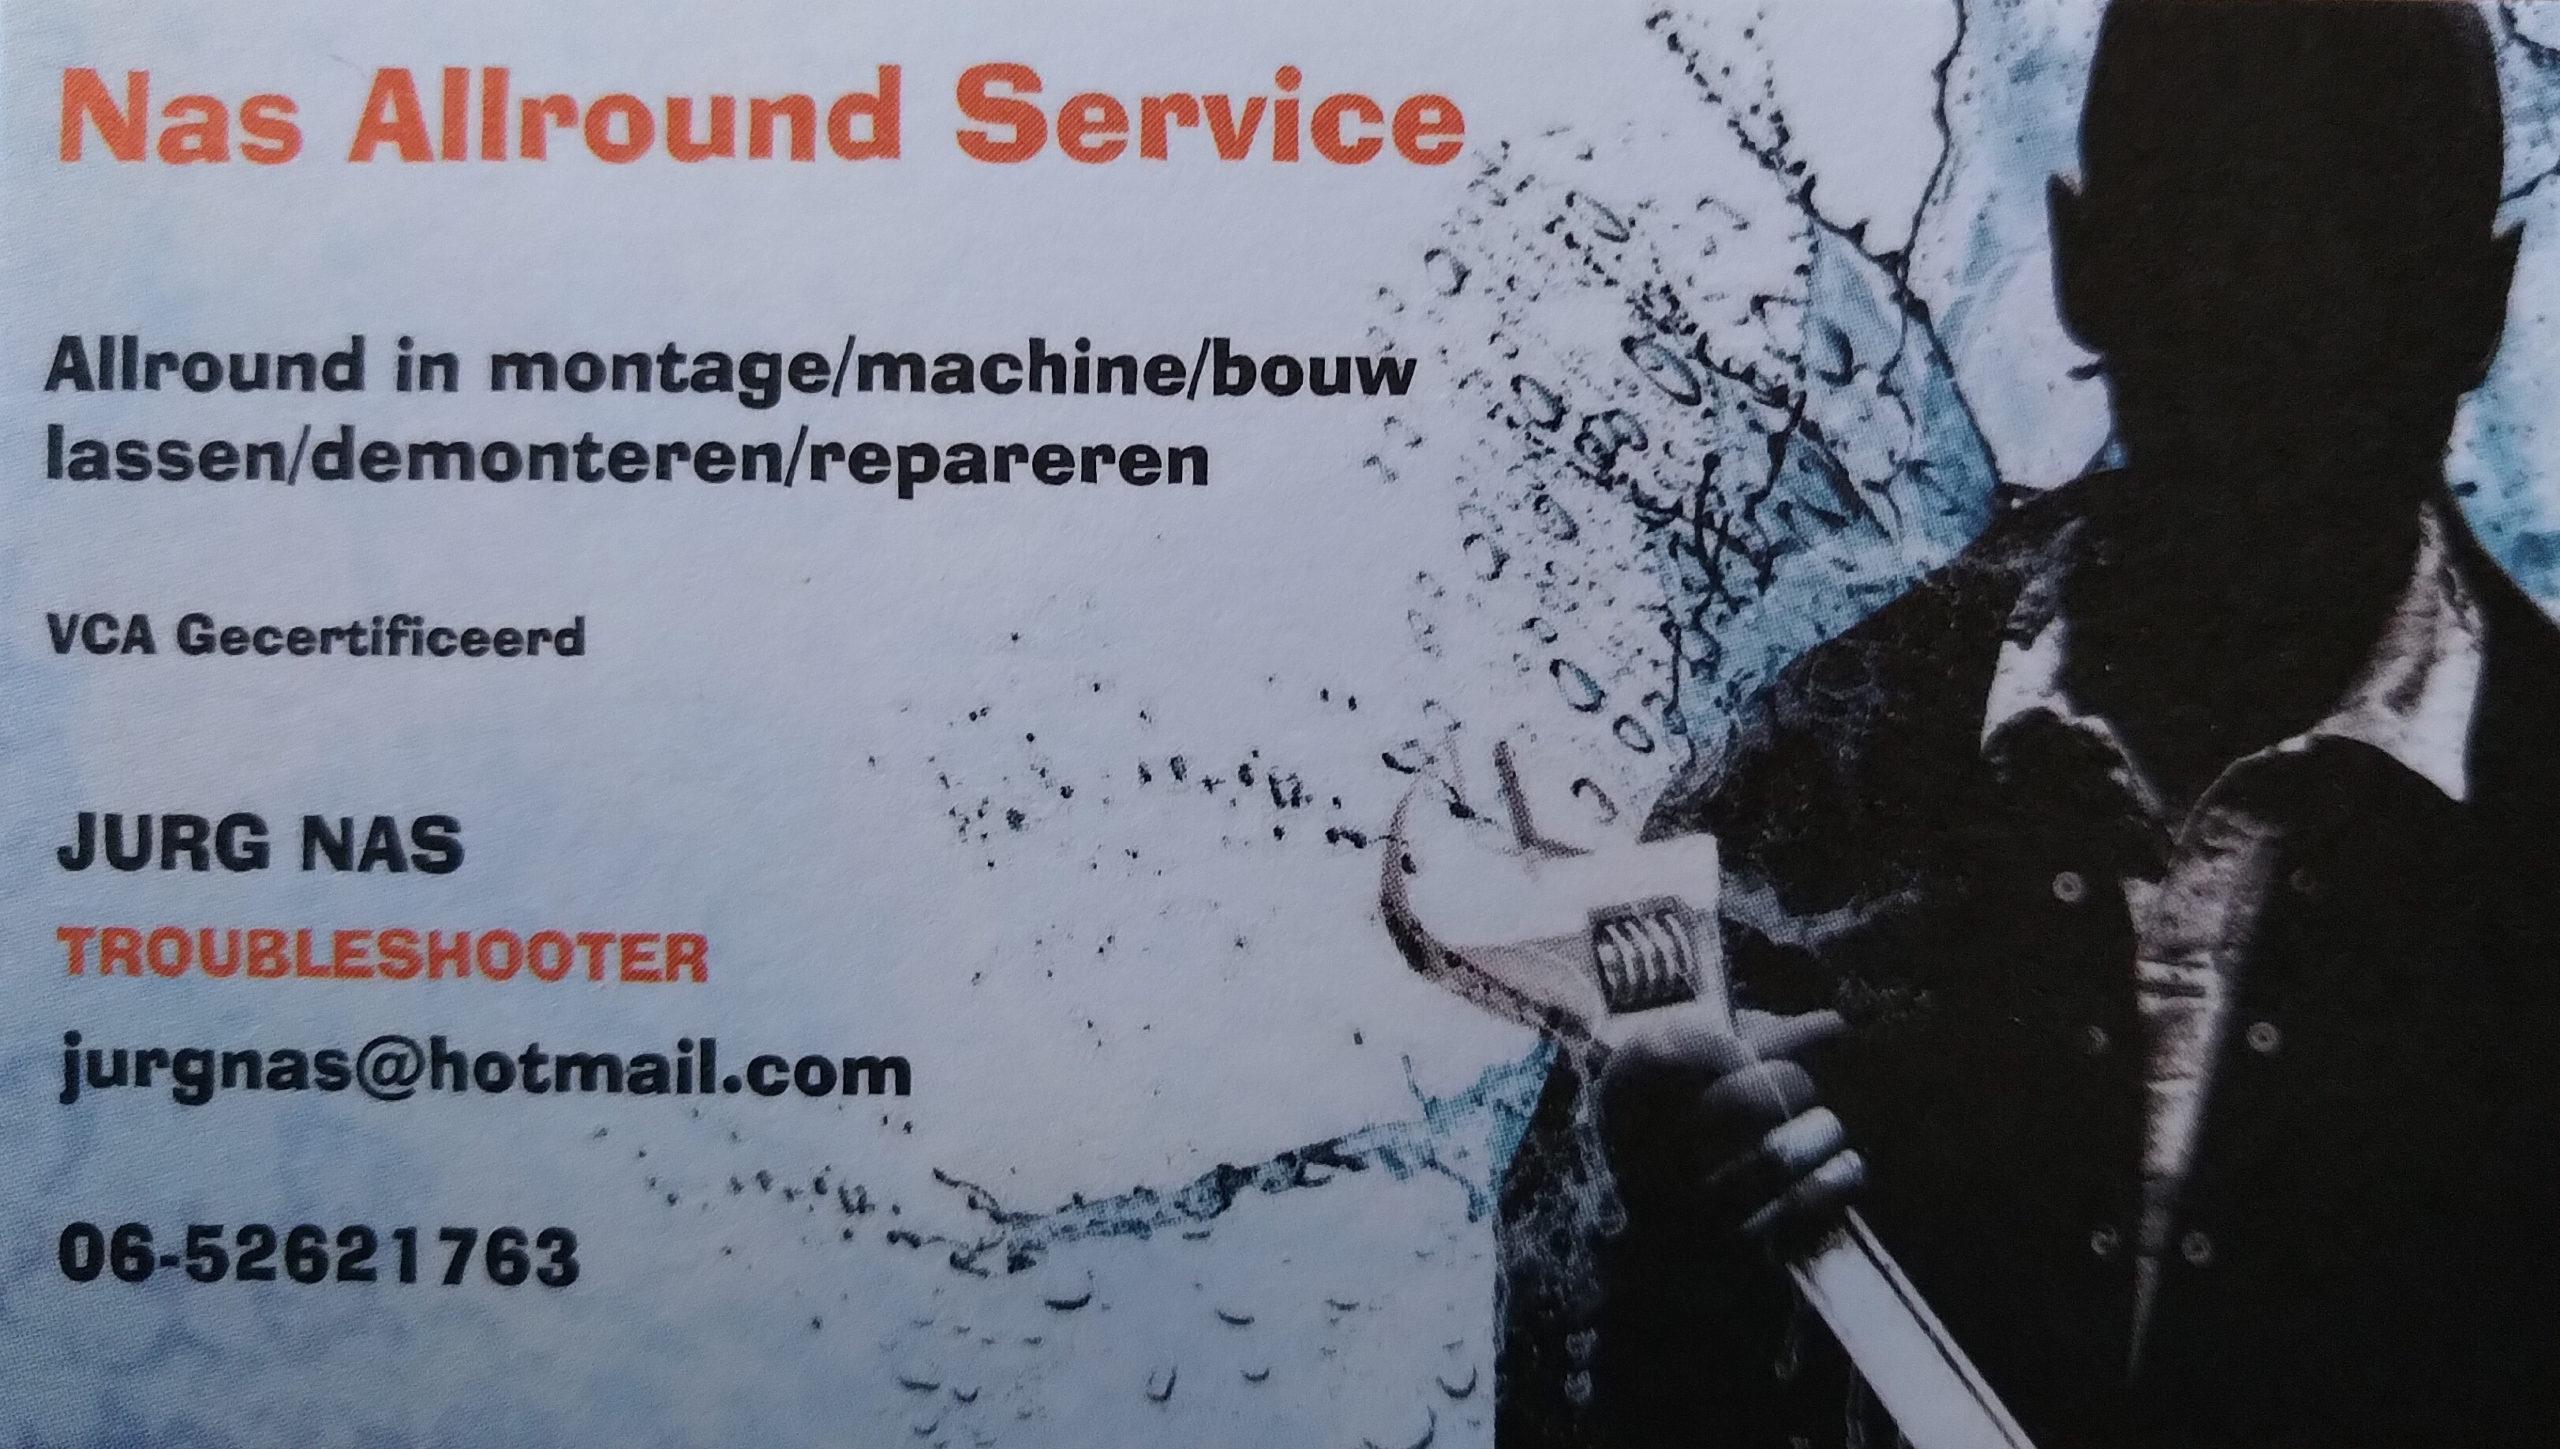 NAS-allround-service